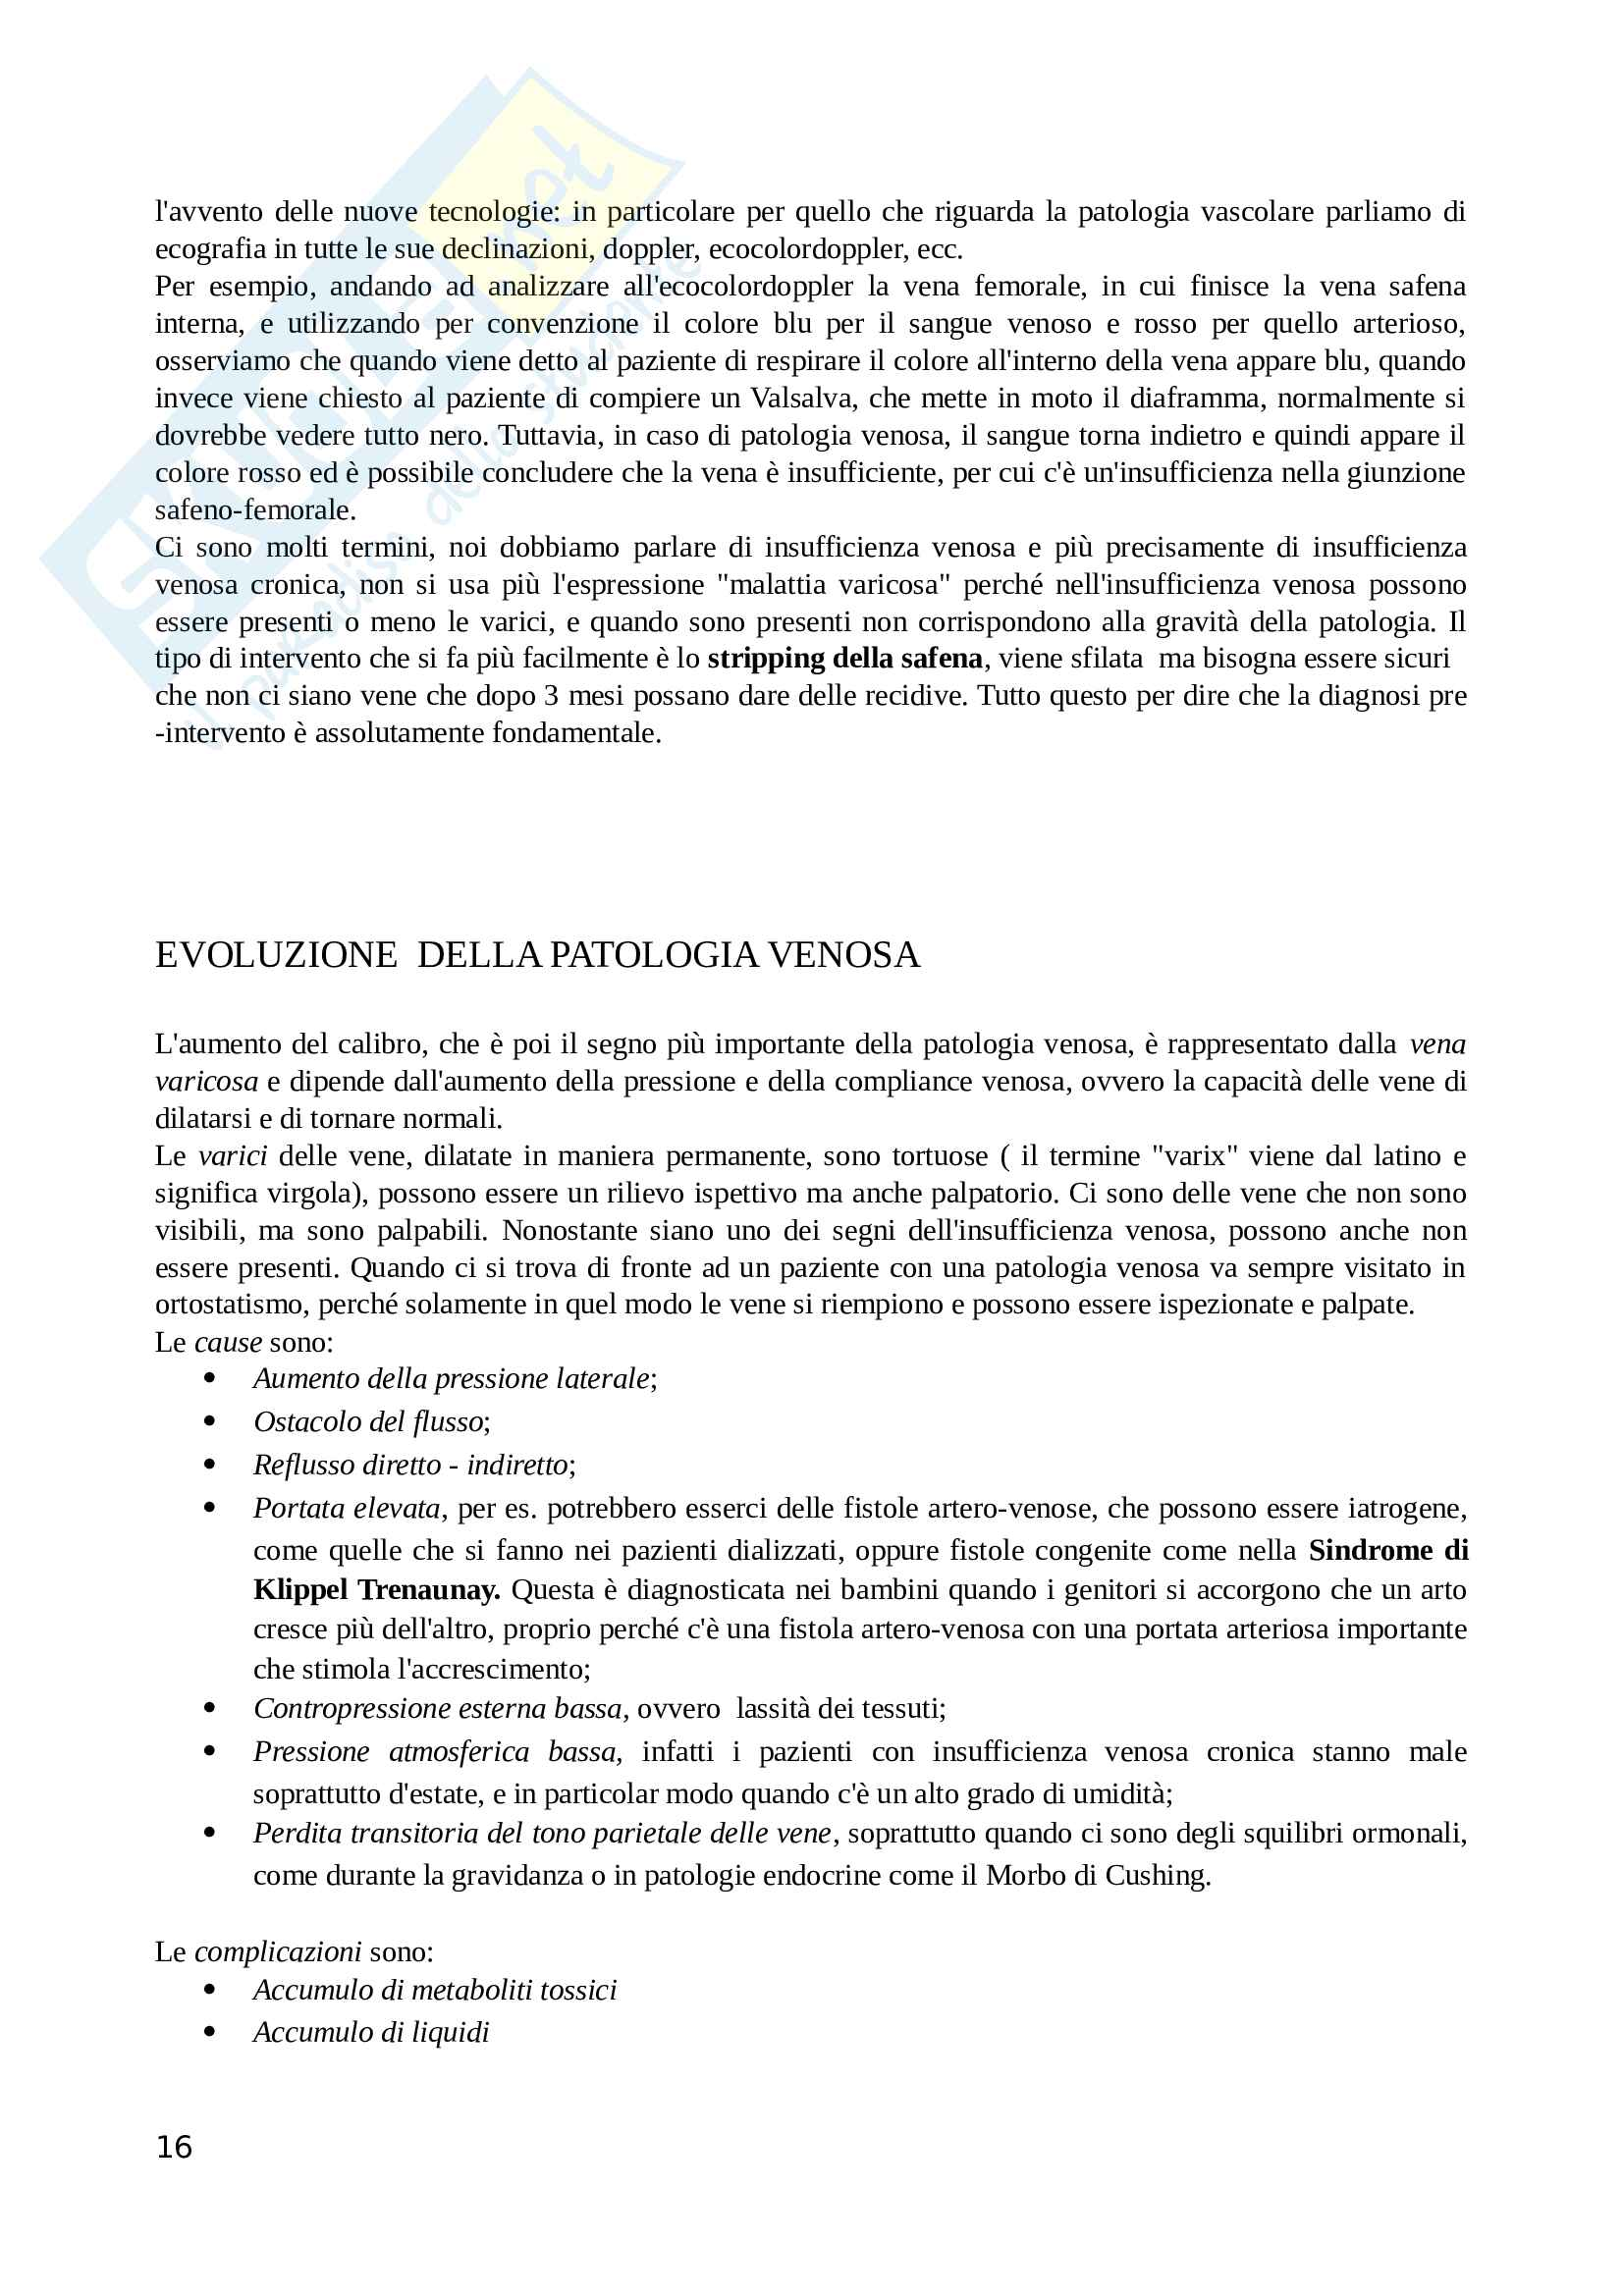 Semeiotica circolatorio Pag. 16